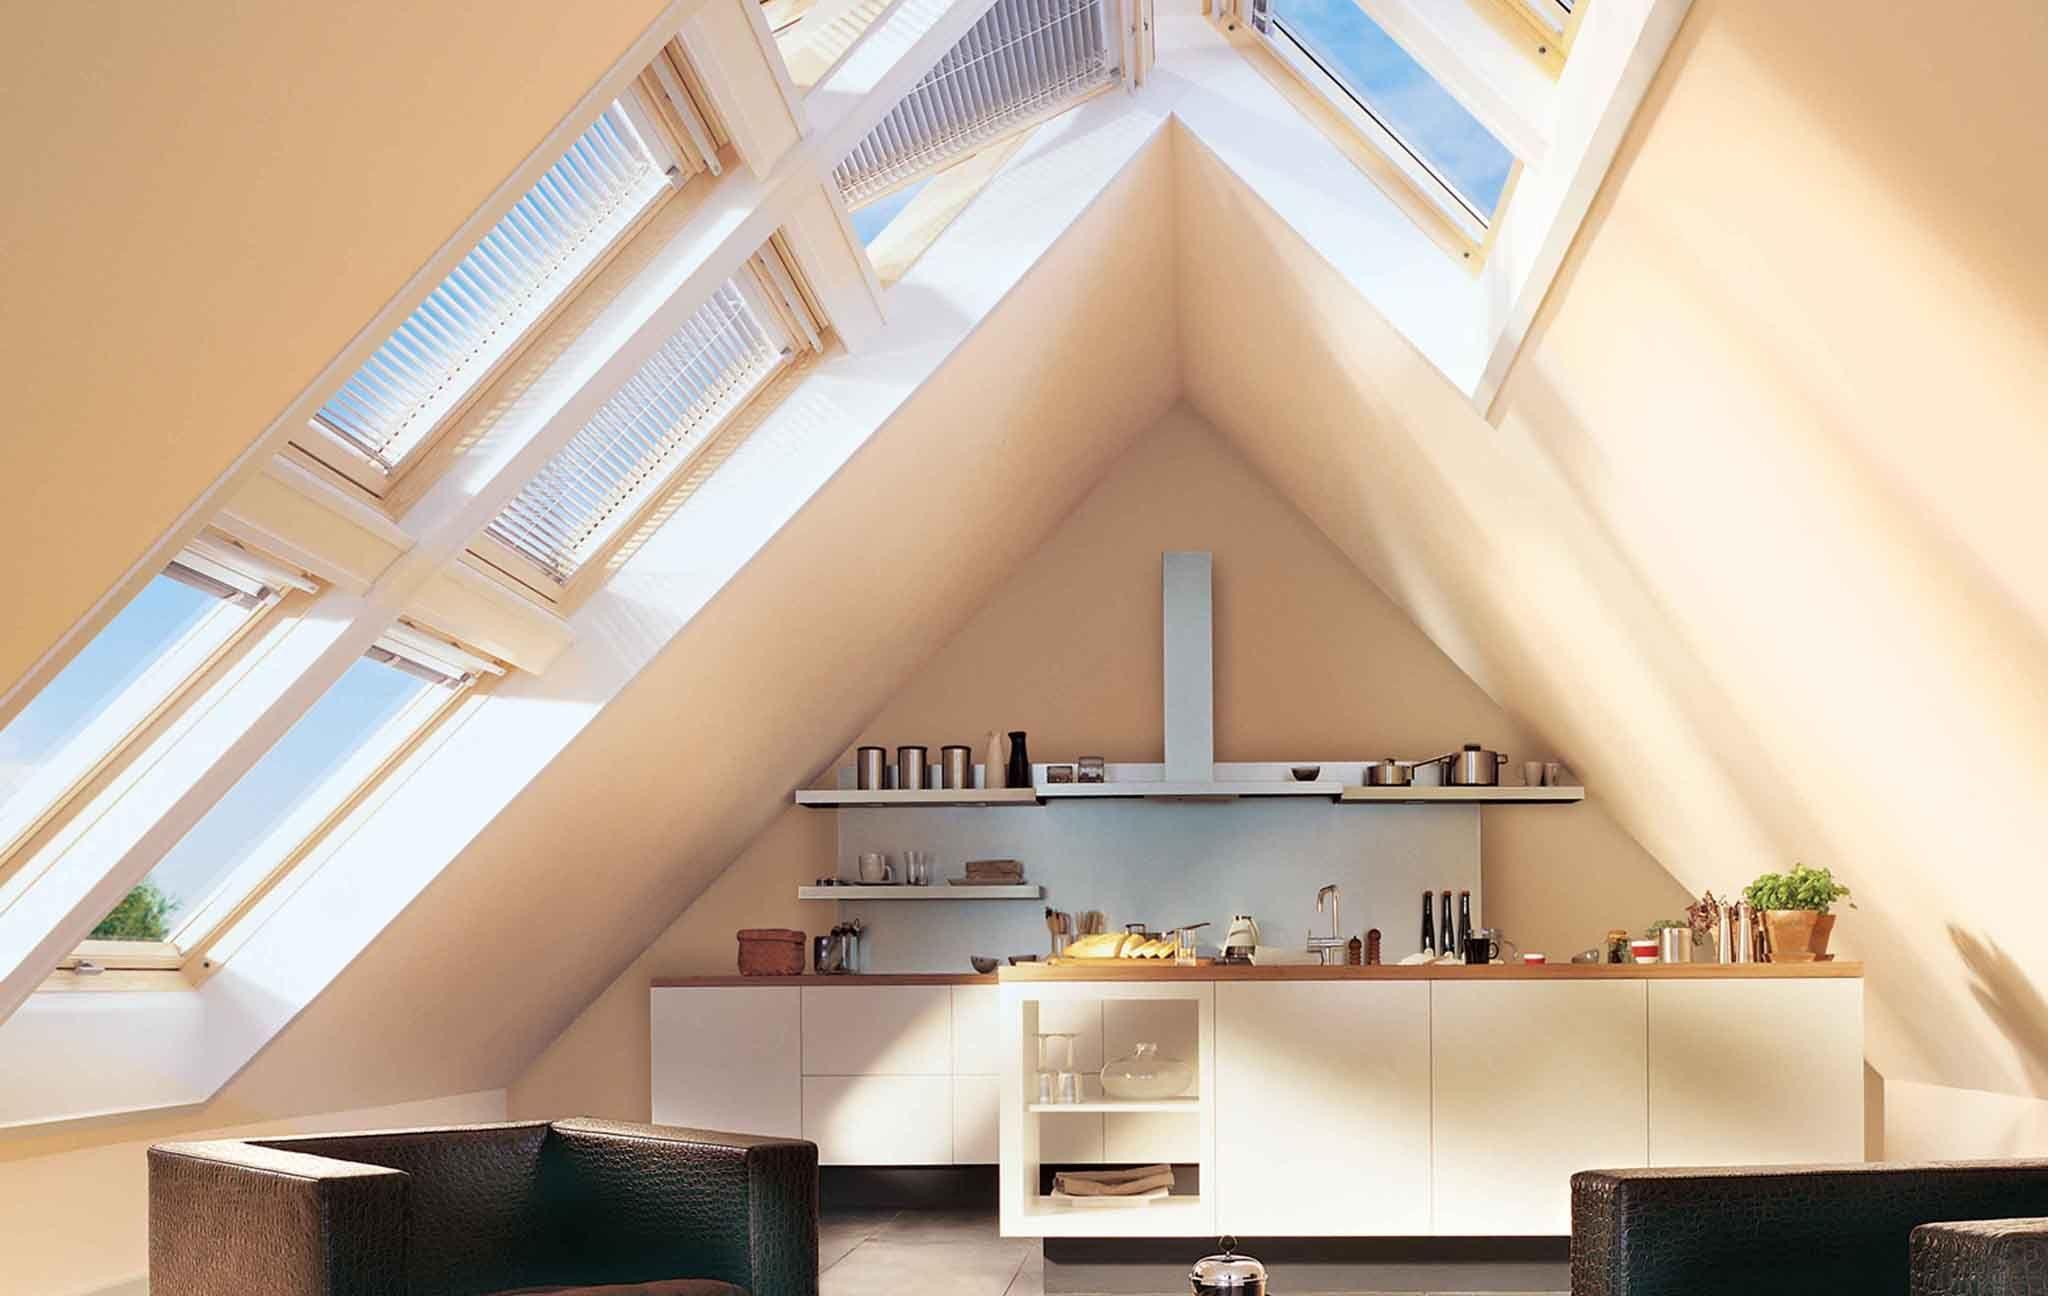 Picturesque Dachschräge Ausbauen Best Choice Of Dachfenster_velux_1.jpg (2048×1296)